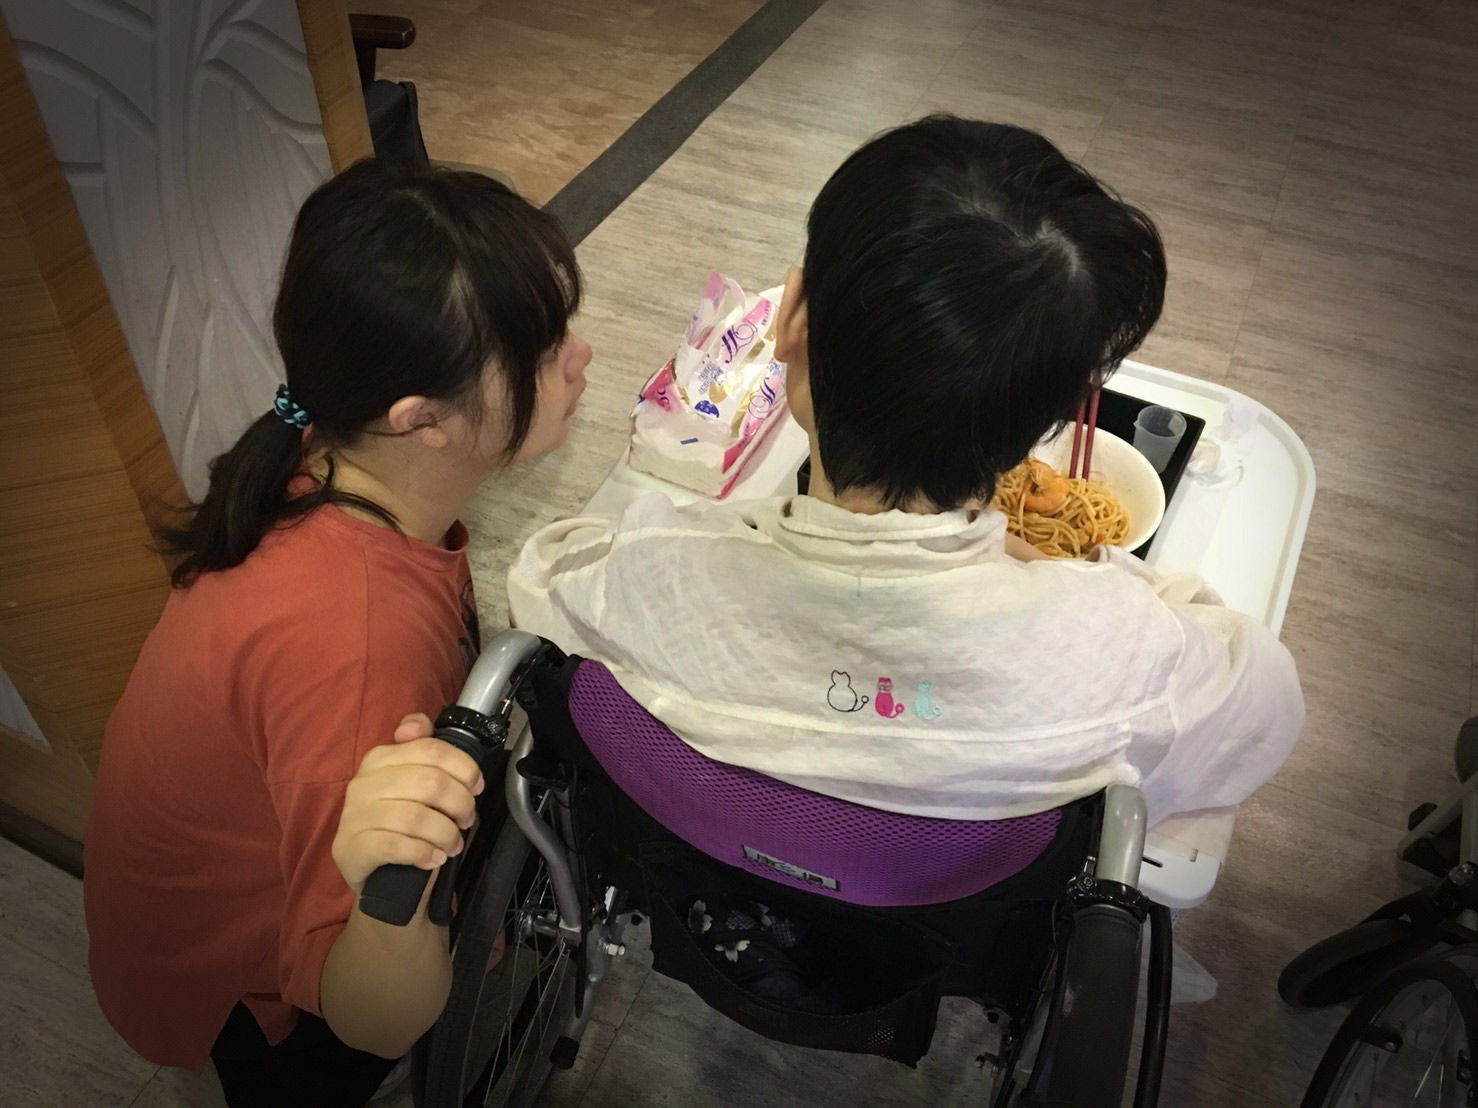 【我們這一家】母妹患怪病 輟學少女獨扛一家生計:「我只怕自己也倒下」